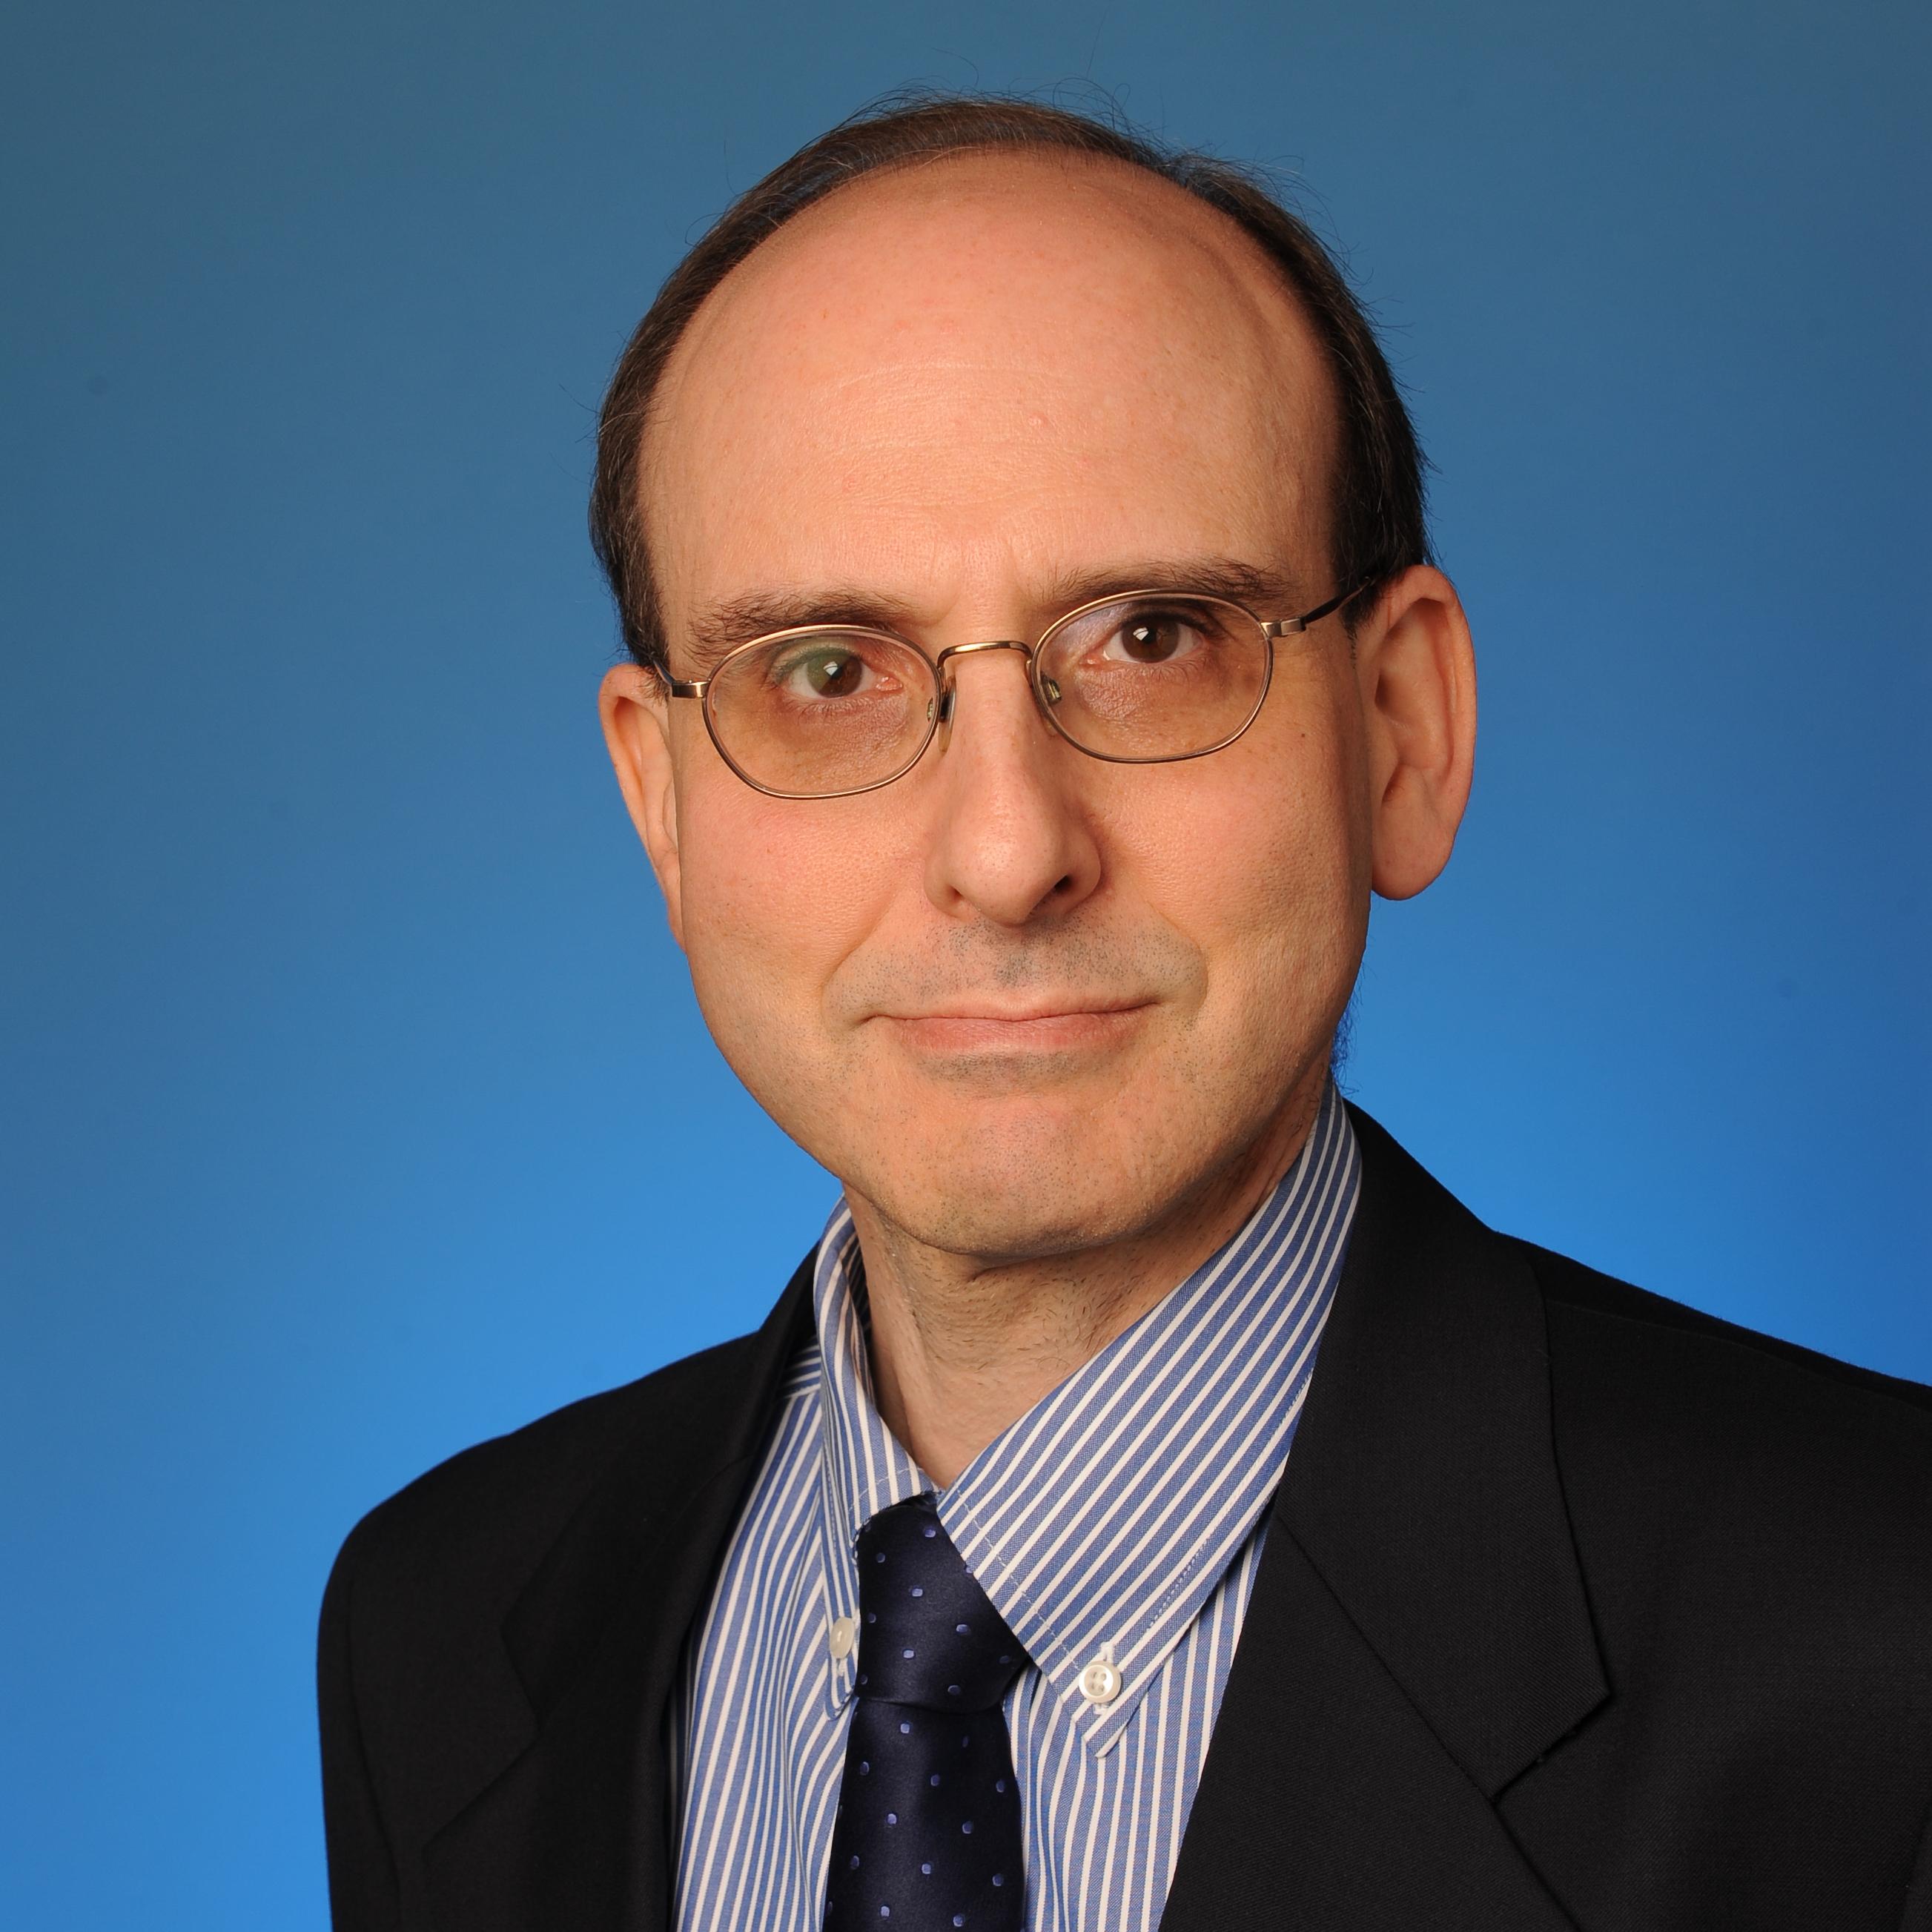 Robert Mollen